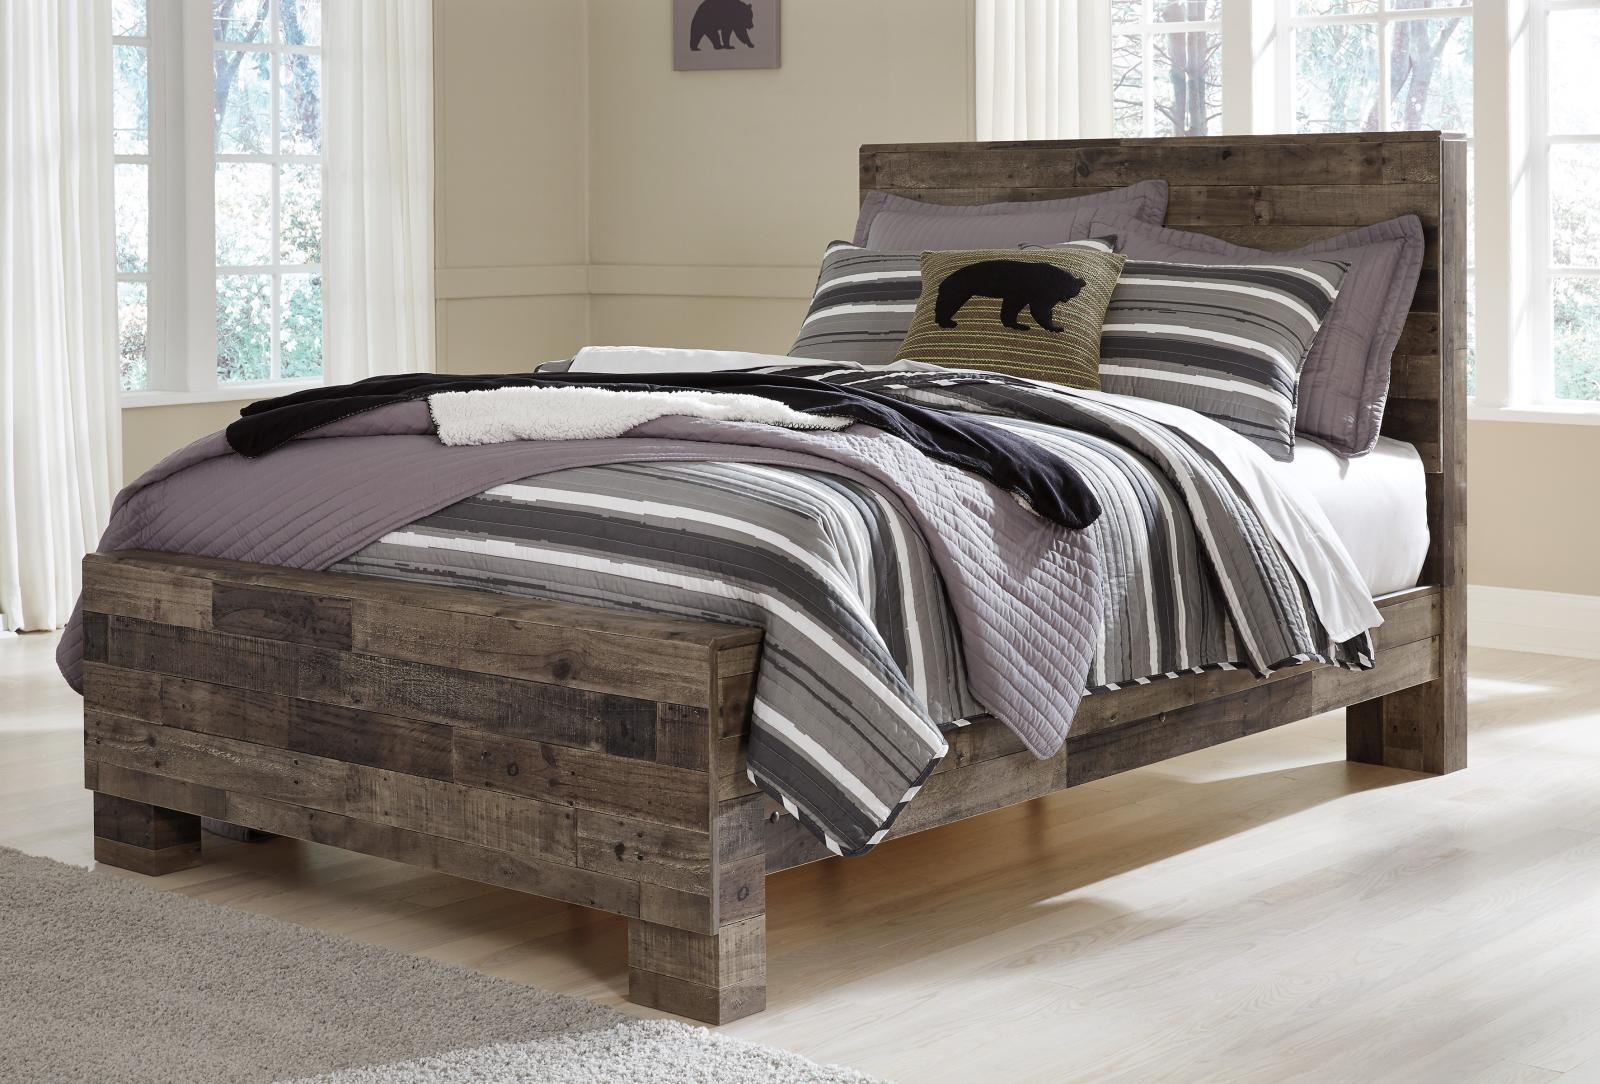 ashley derekson b200 full size panel bedroom set 5pcs in